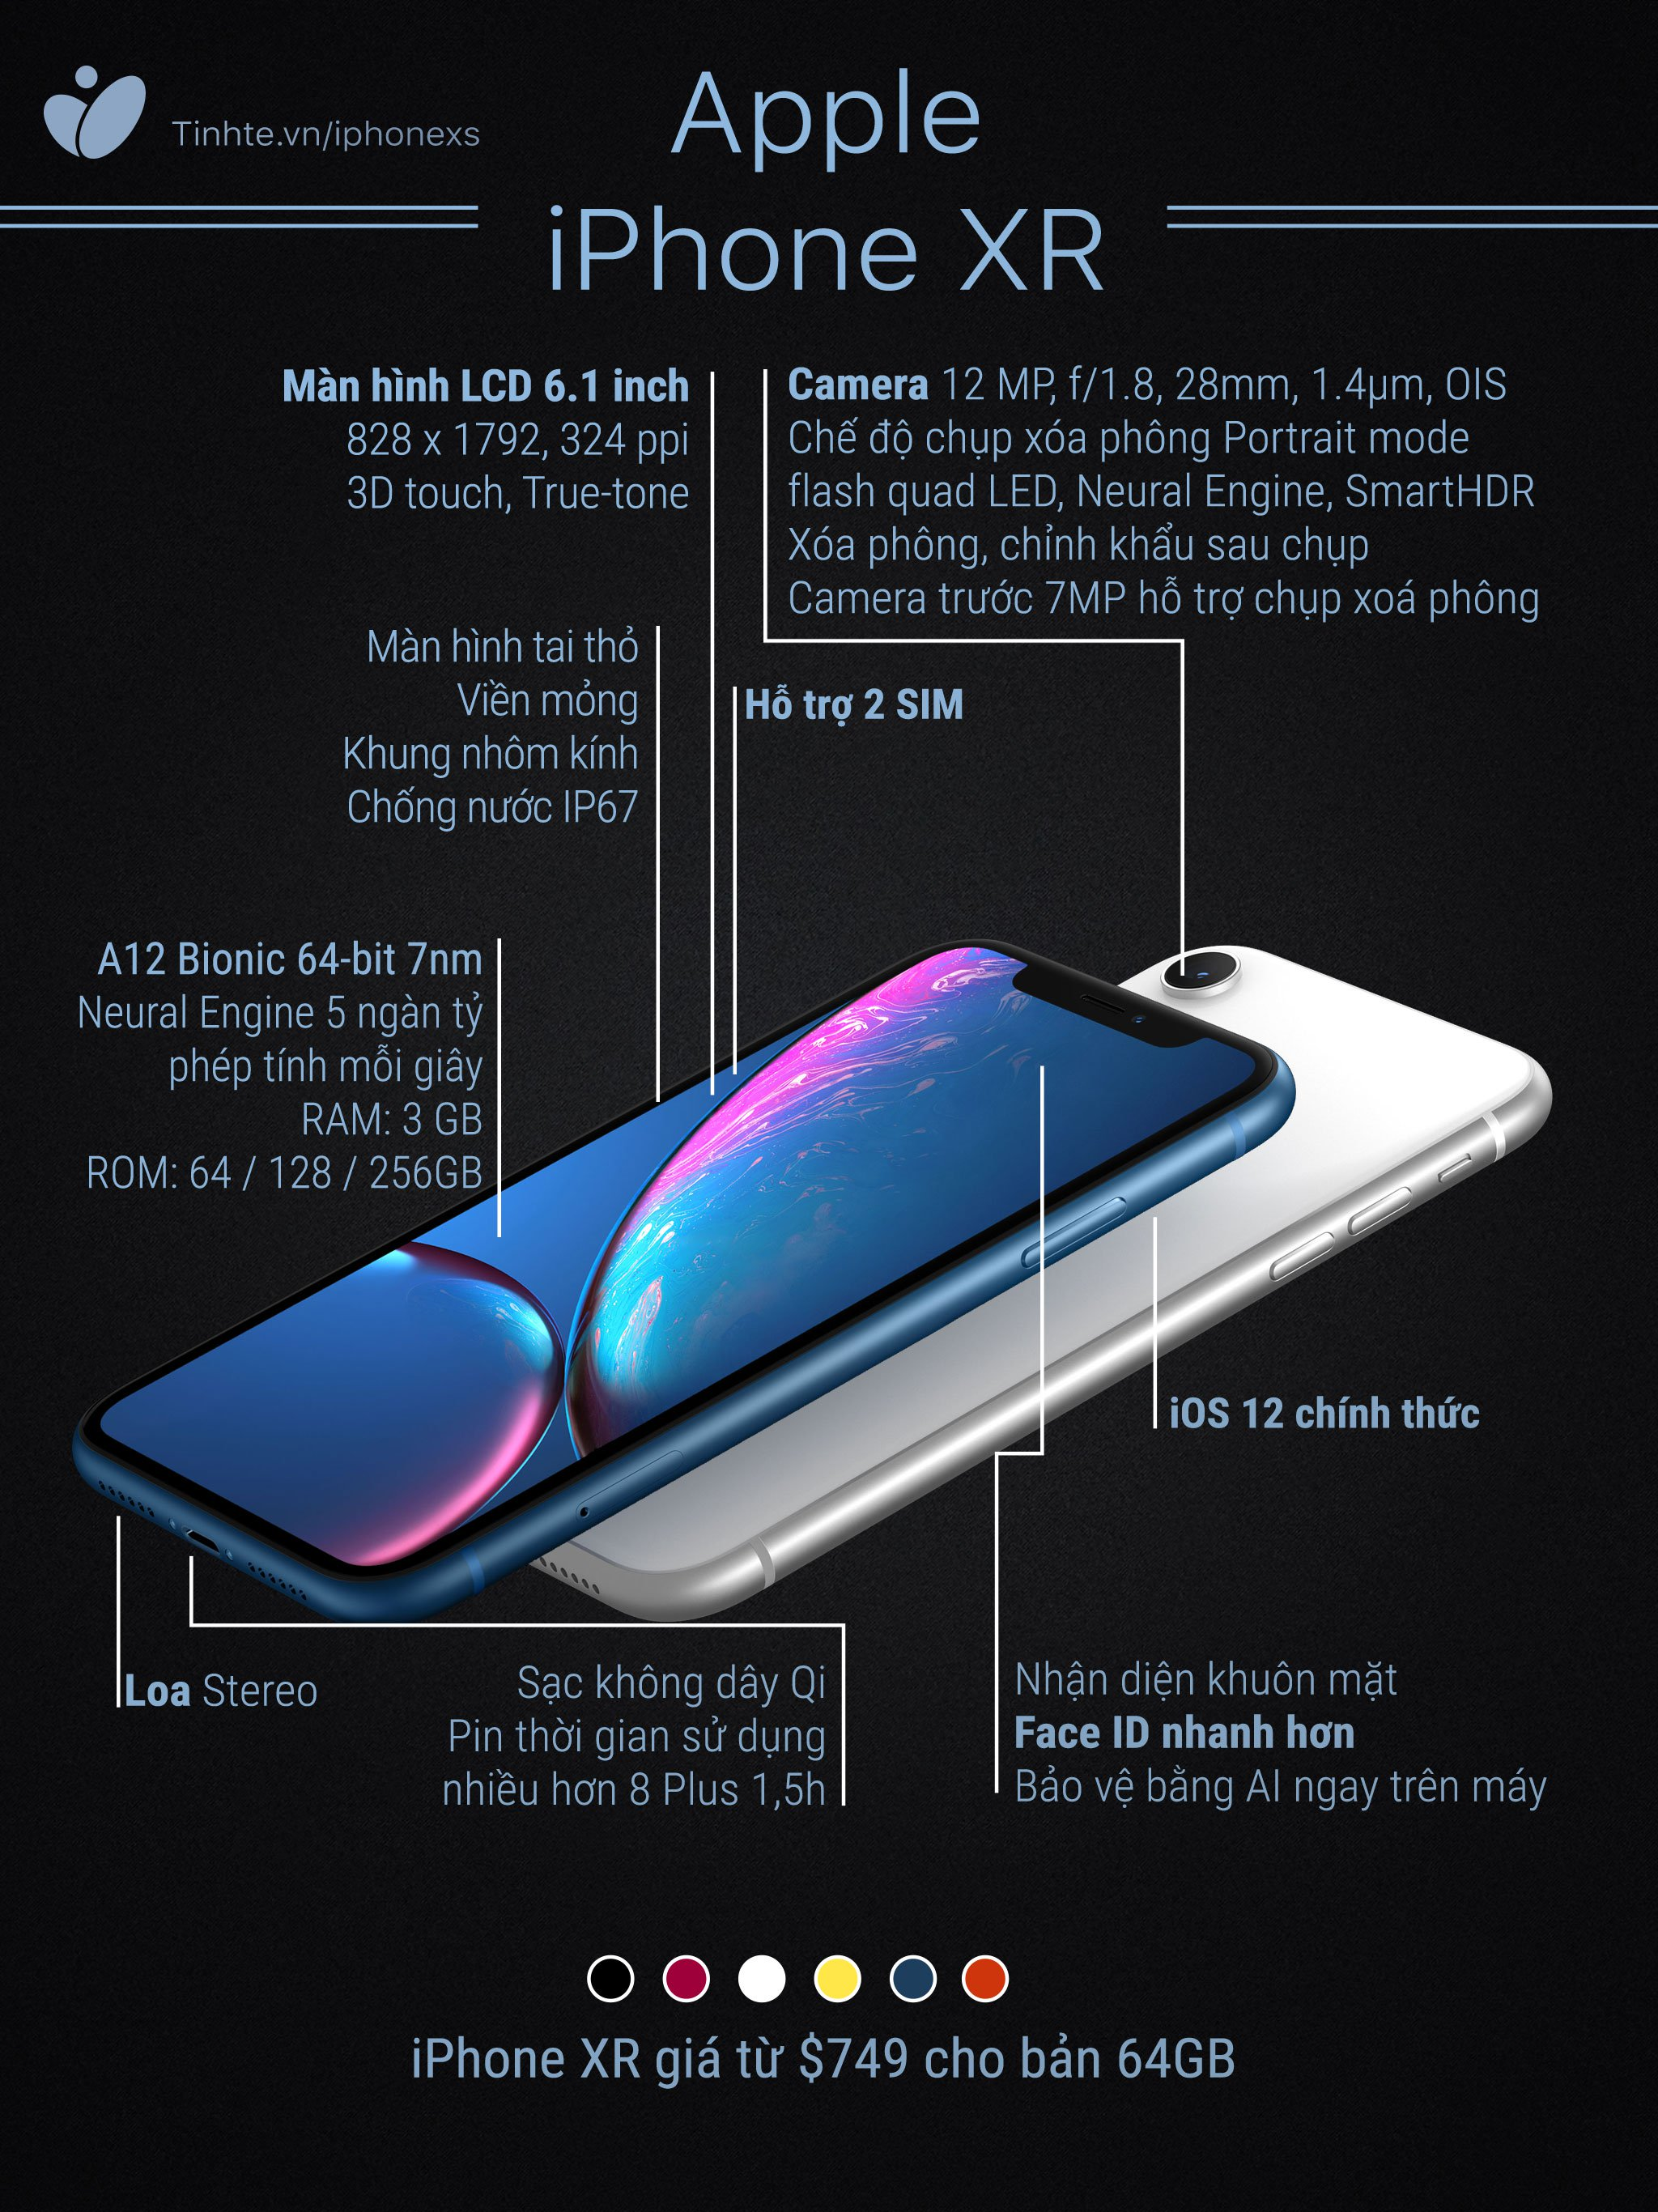 Cấu hình iPhone XR. Ảnh: Tinh Tế